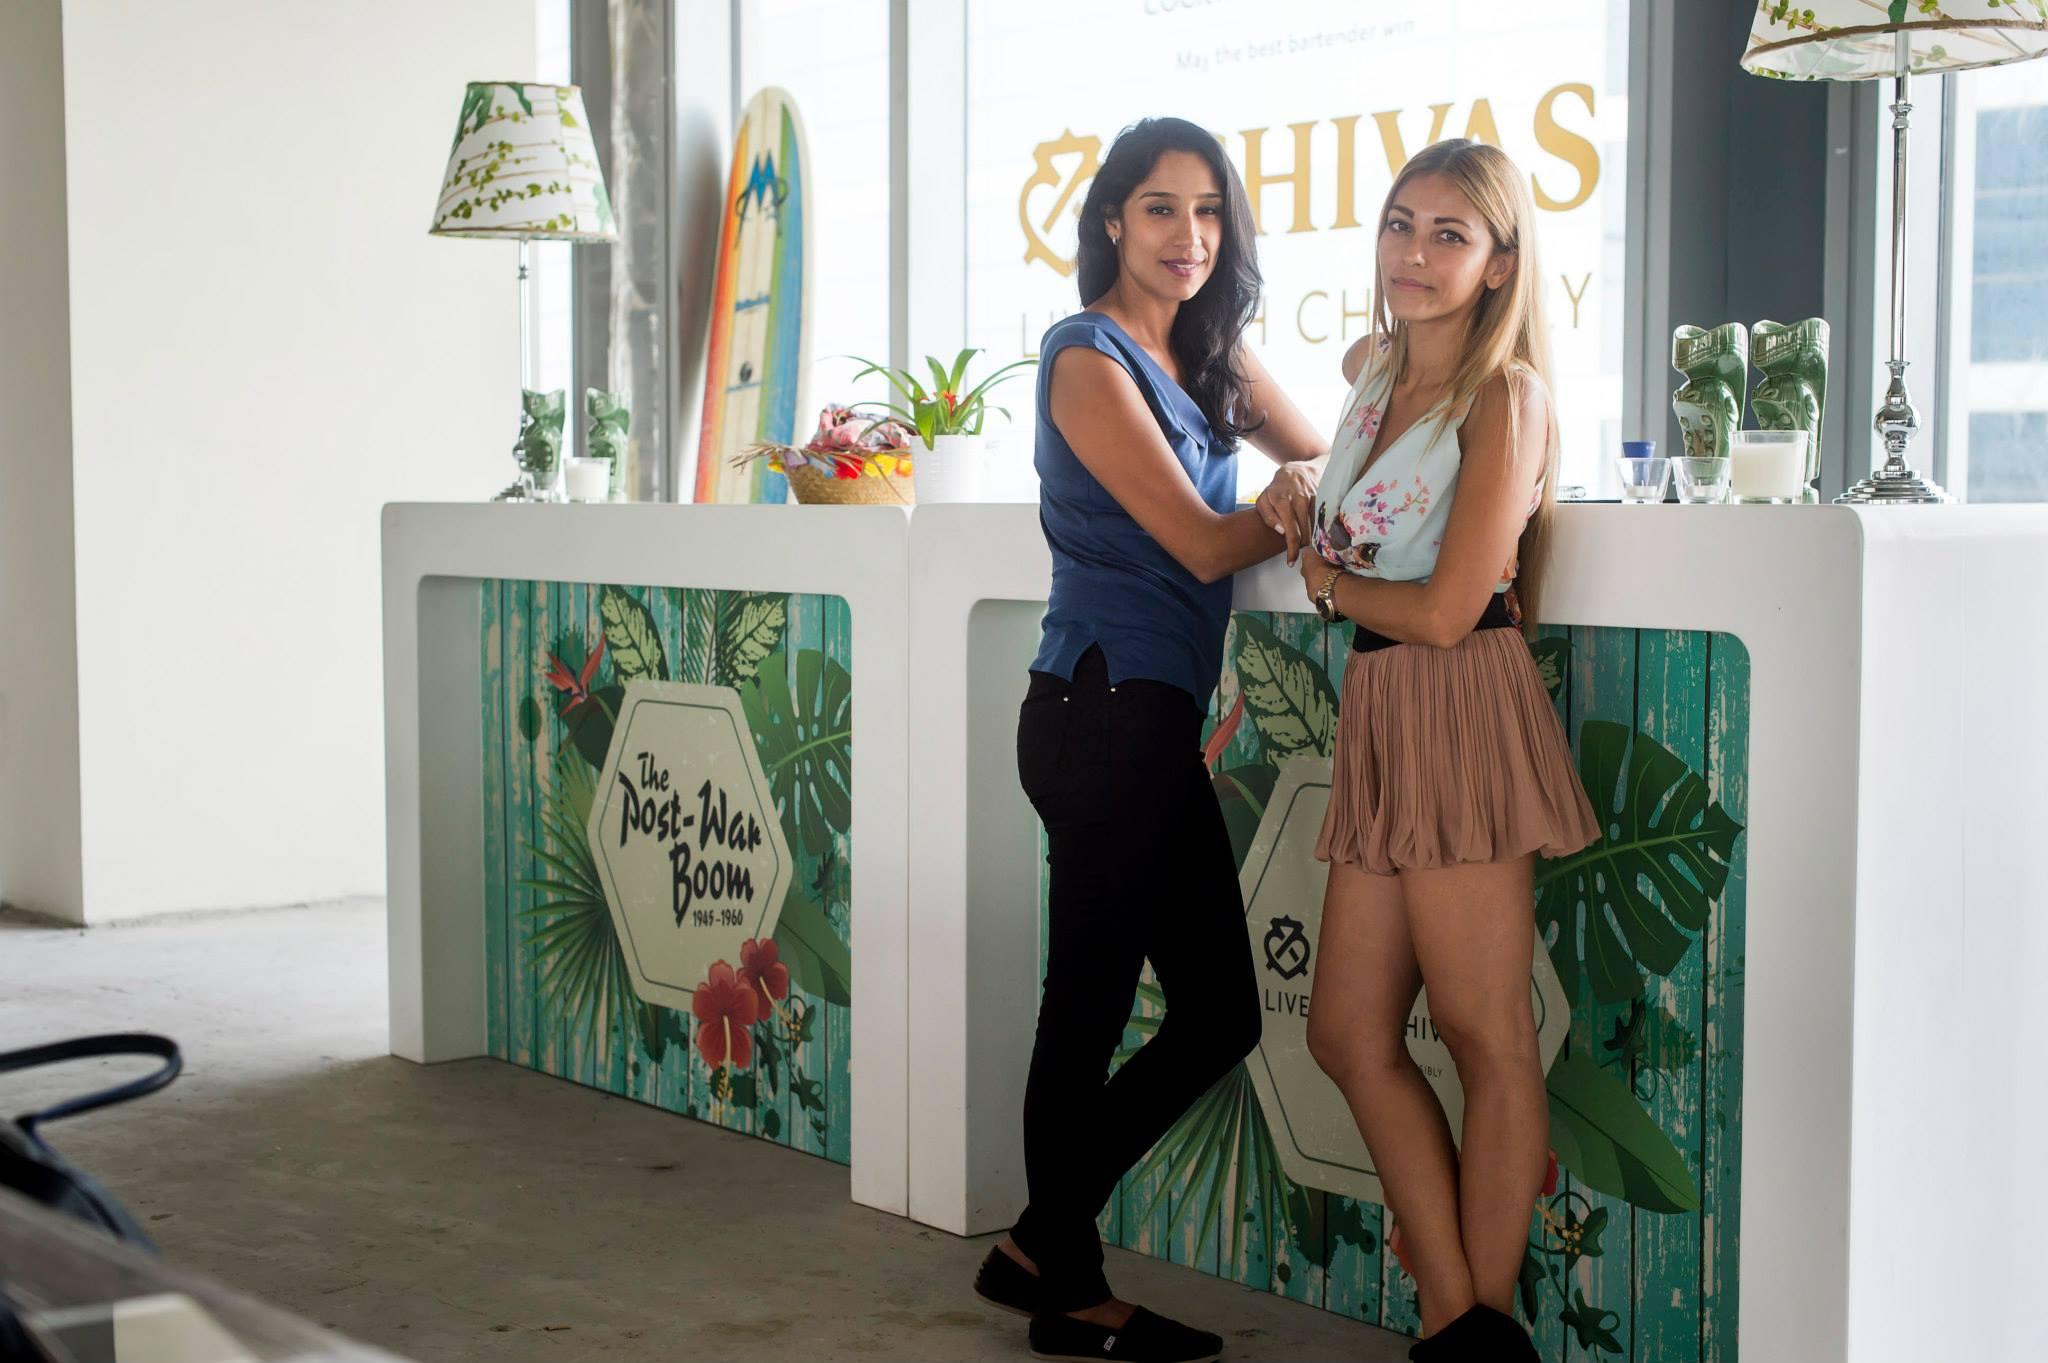 Chivas Masters Tiki Bar